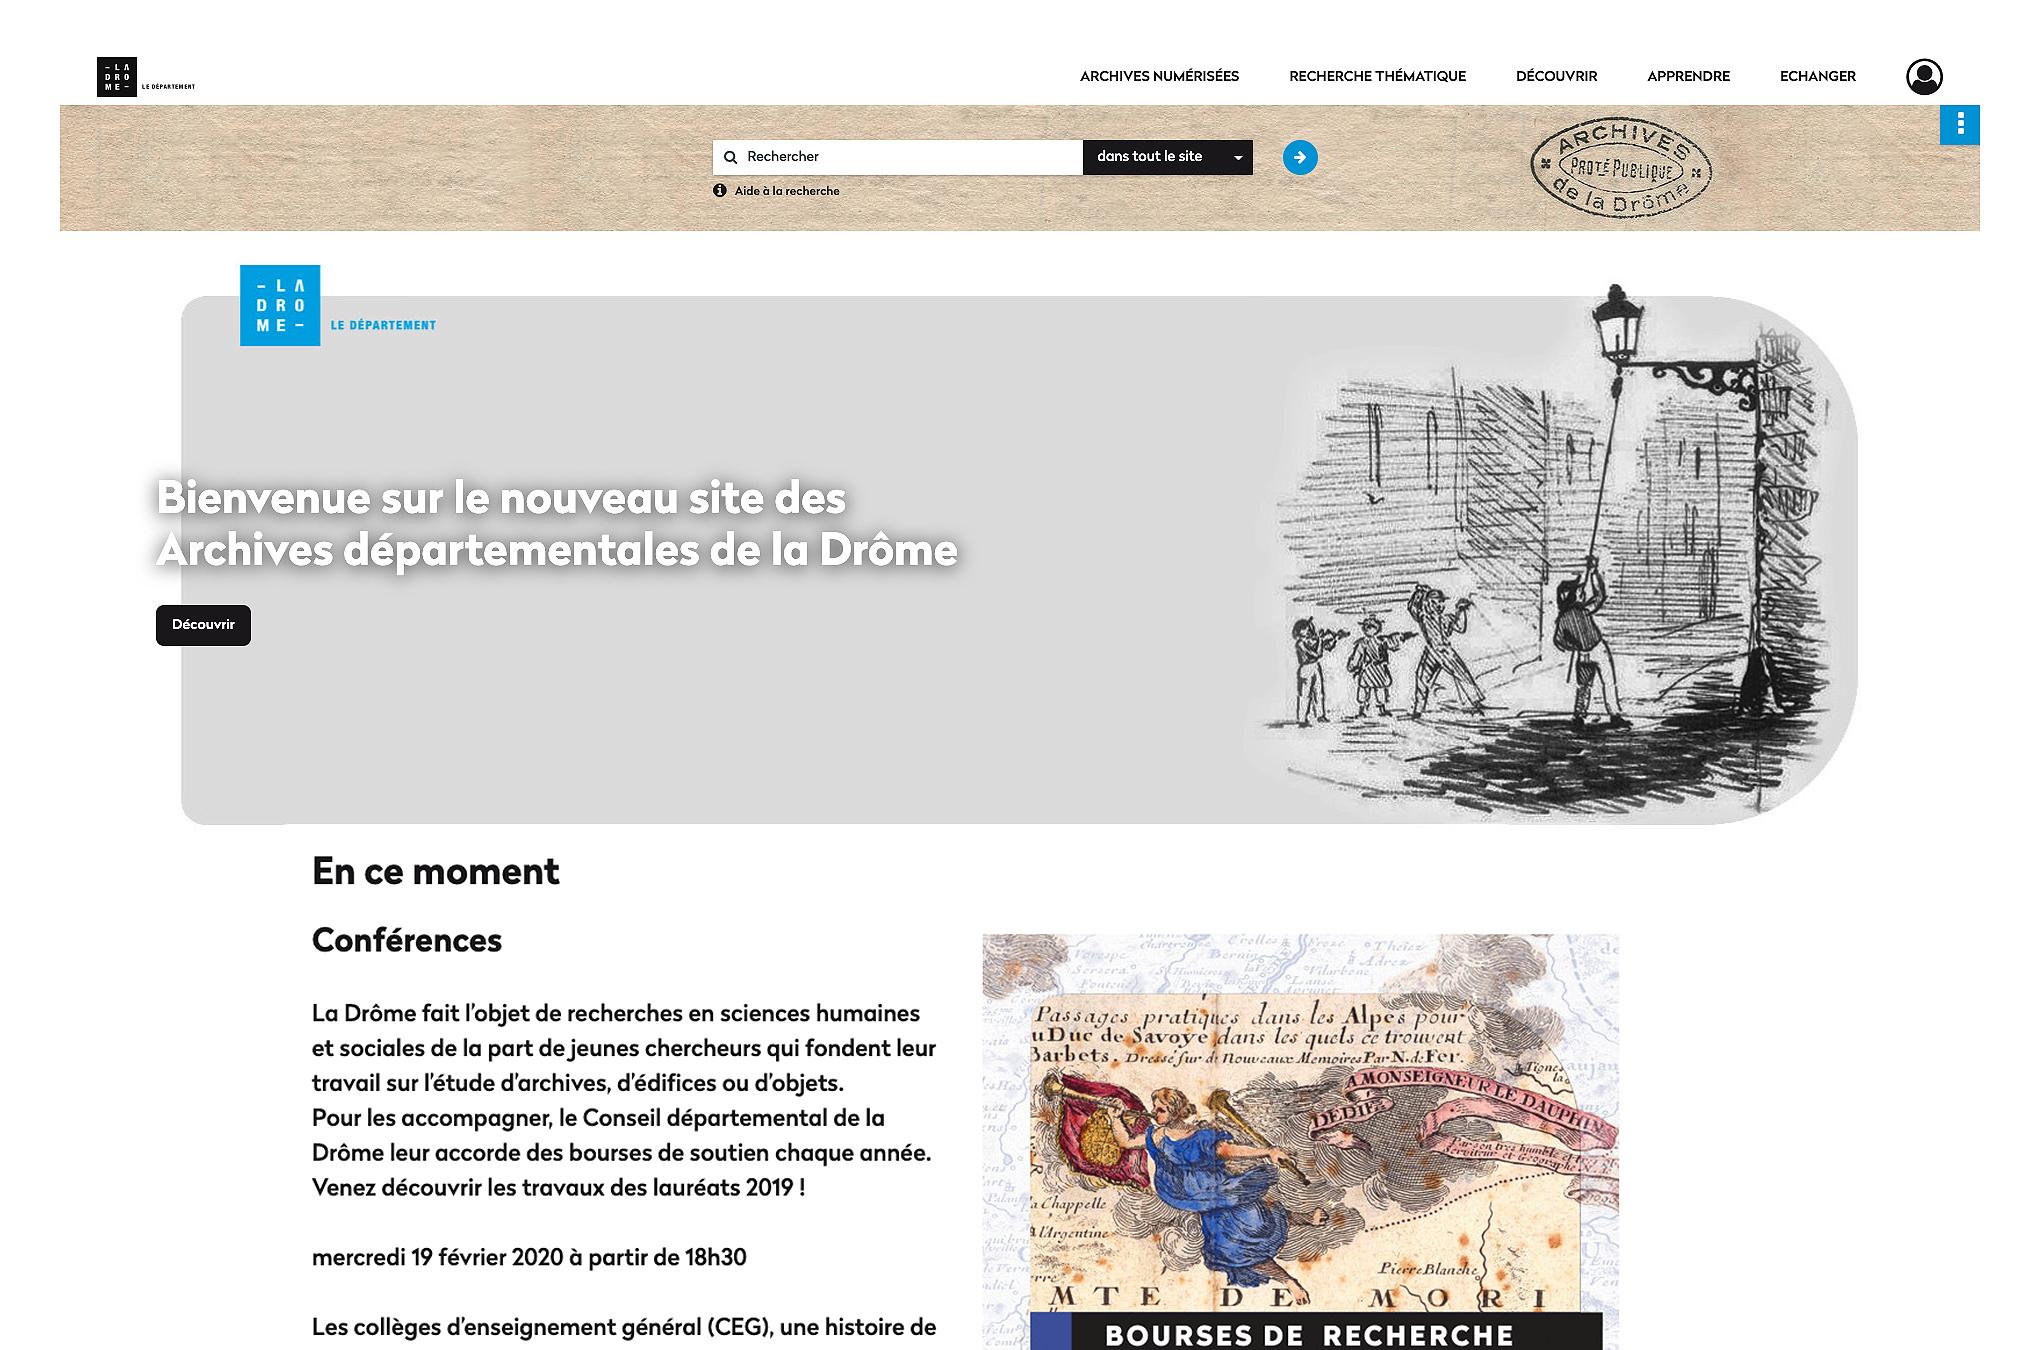 Ouverture du nouveau site des archives de la Drôme